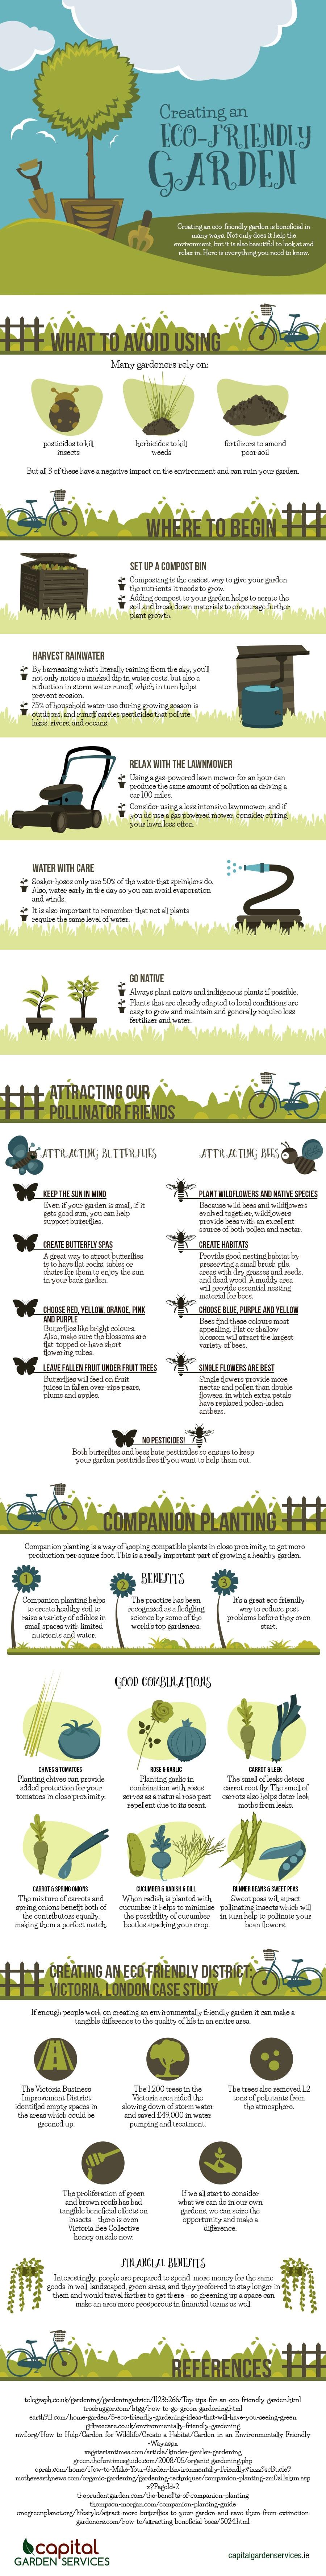 Ecofriendly-Garden infographic